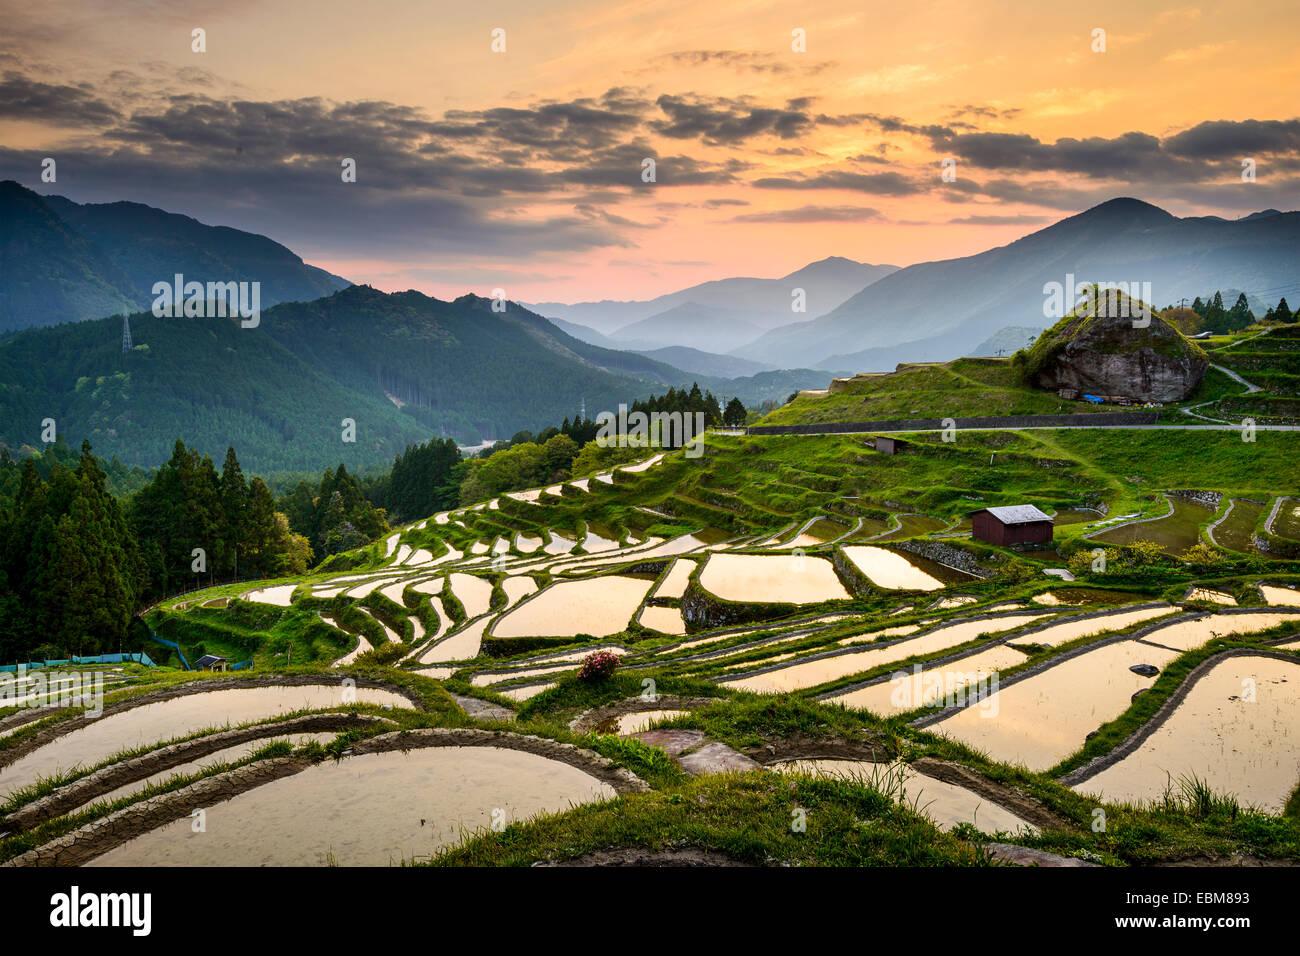 Rice Paddies at Maruyama Senmaida in Kumano, Japan. - Stock Image